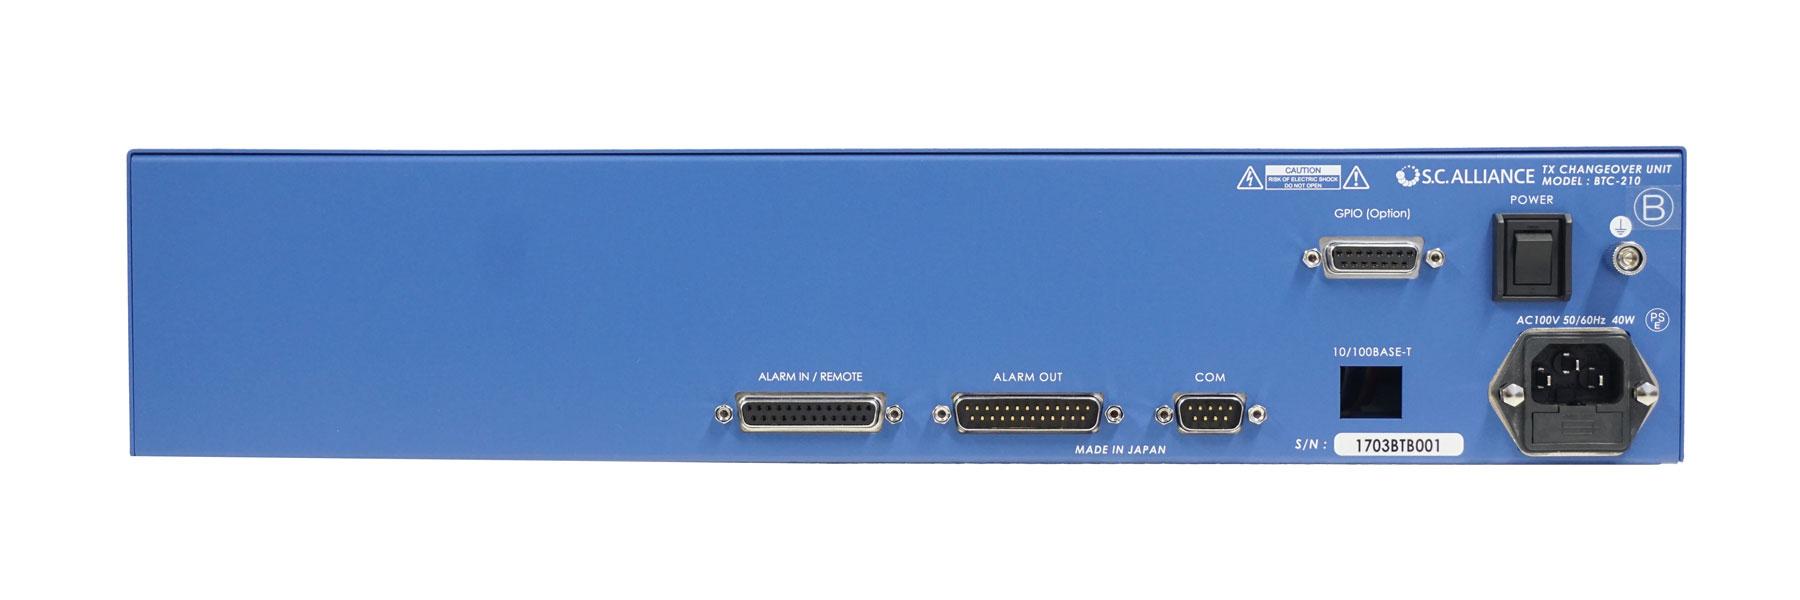 BTC-210B_rear